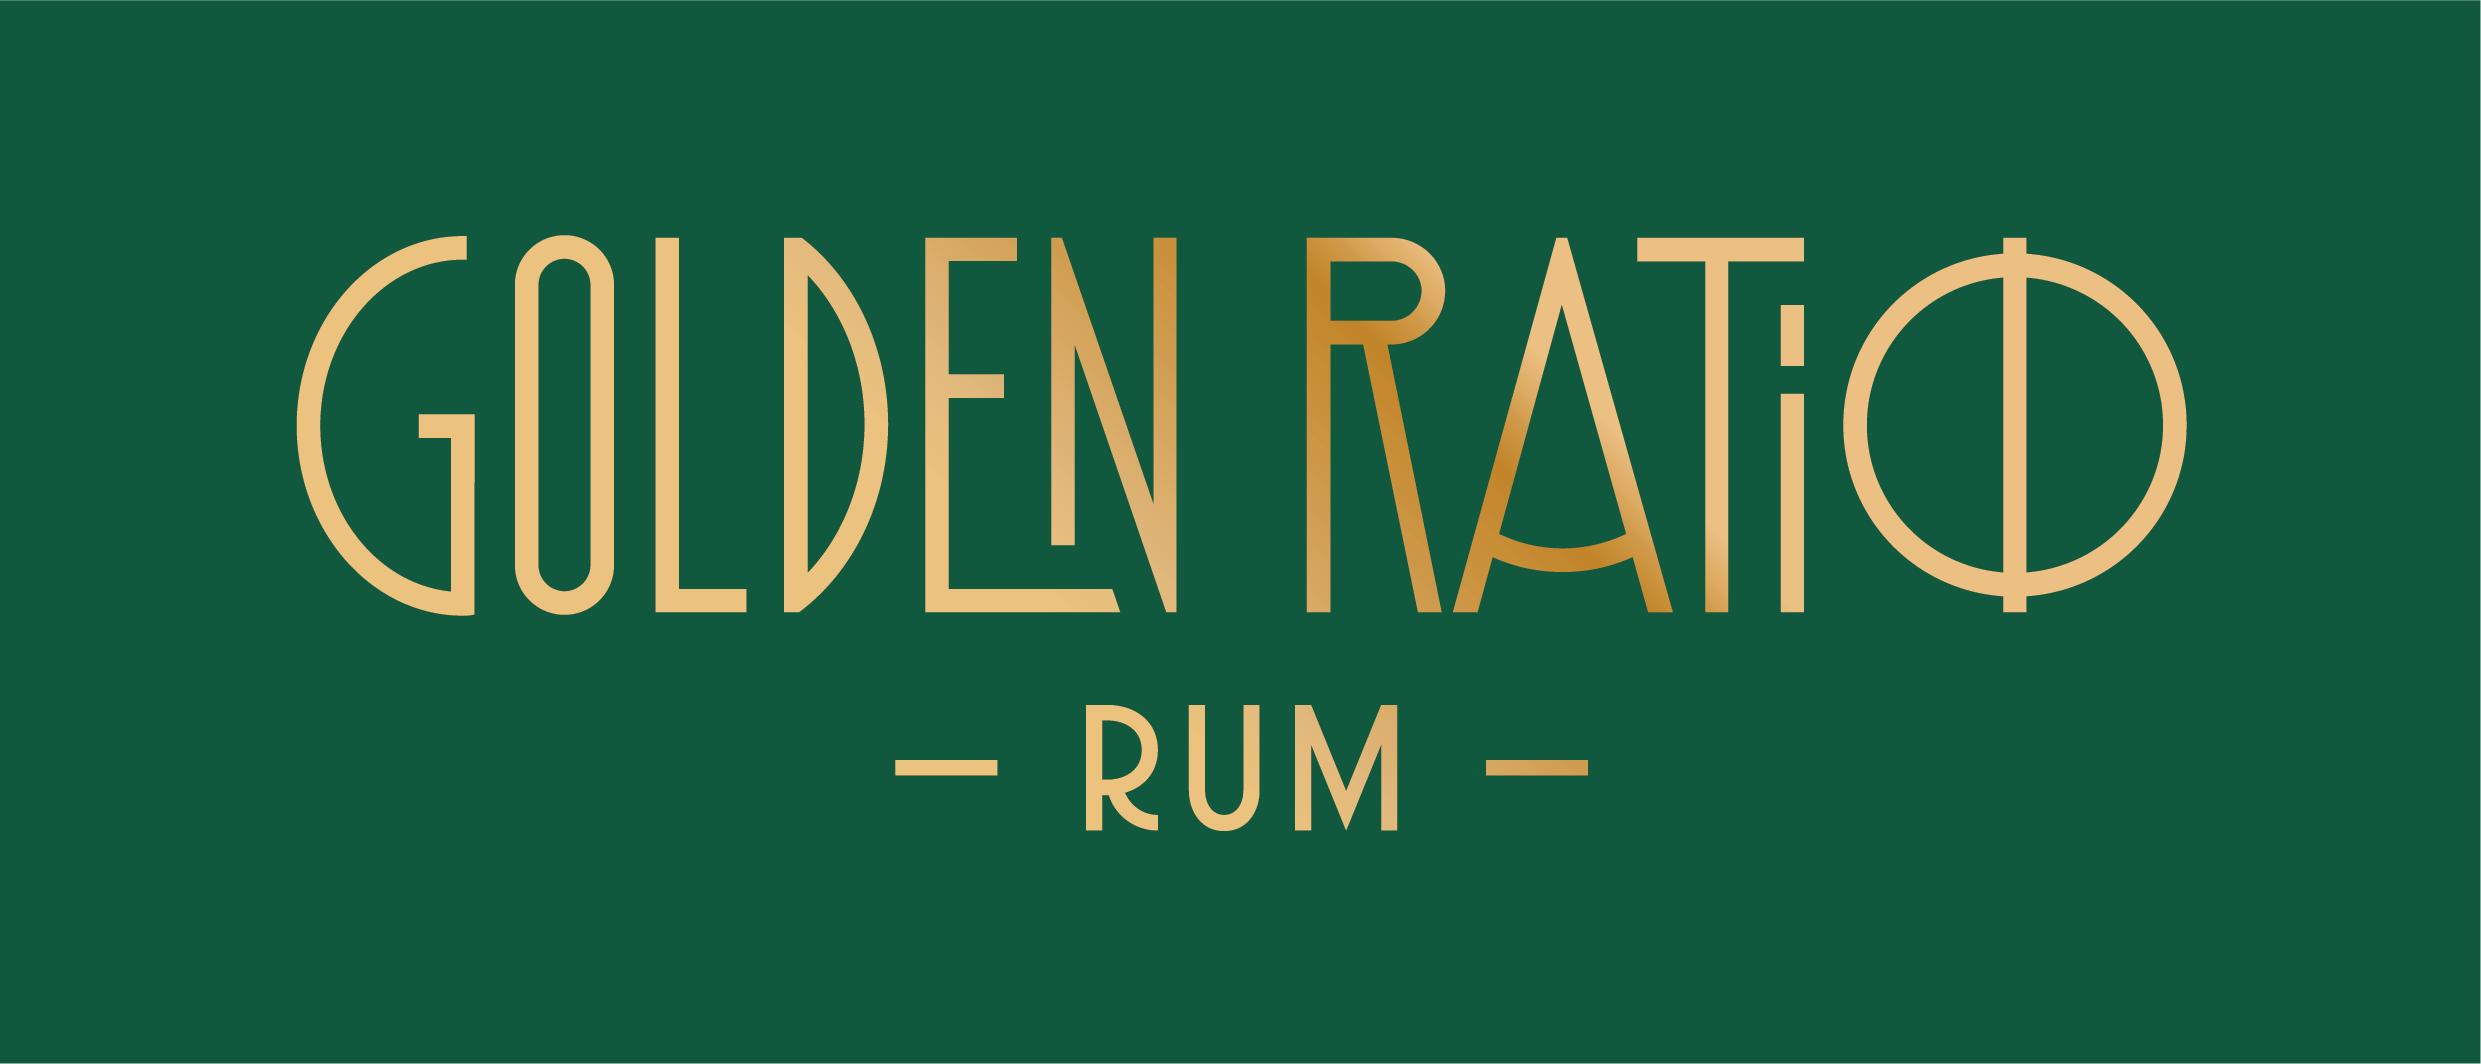 Golden Ratio Rum